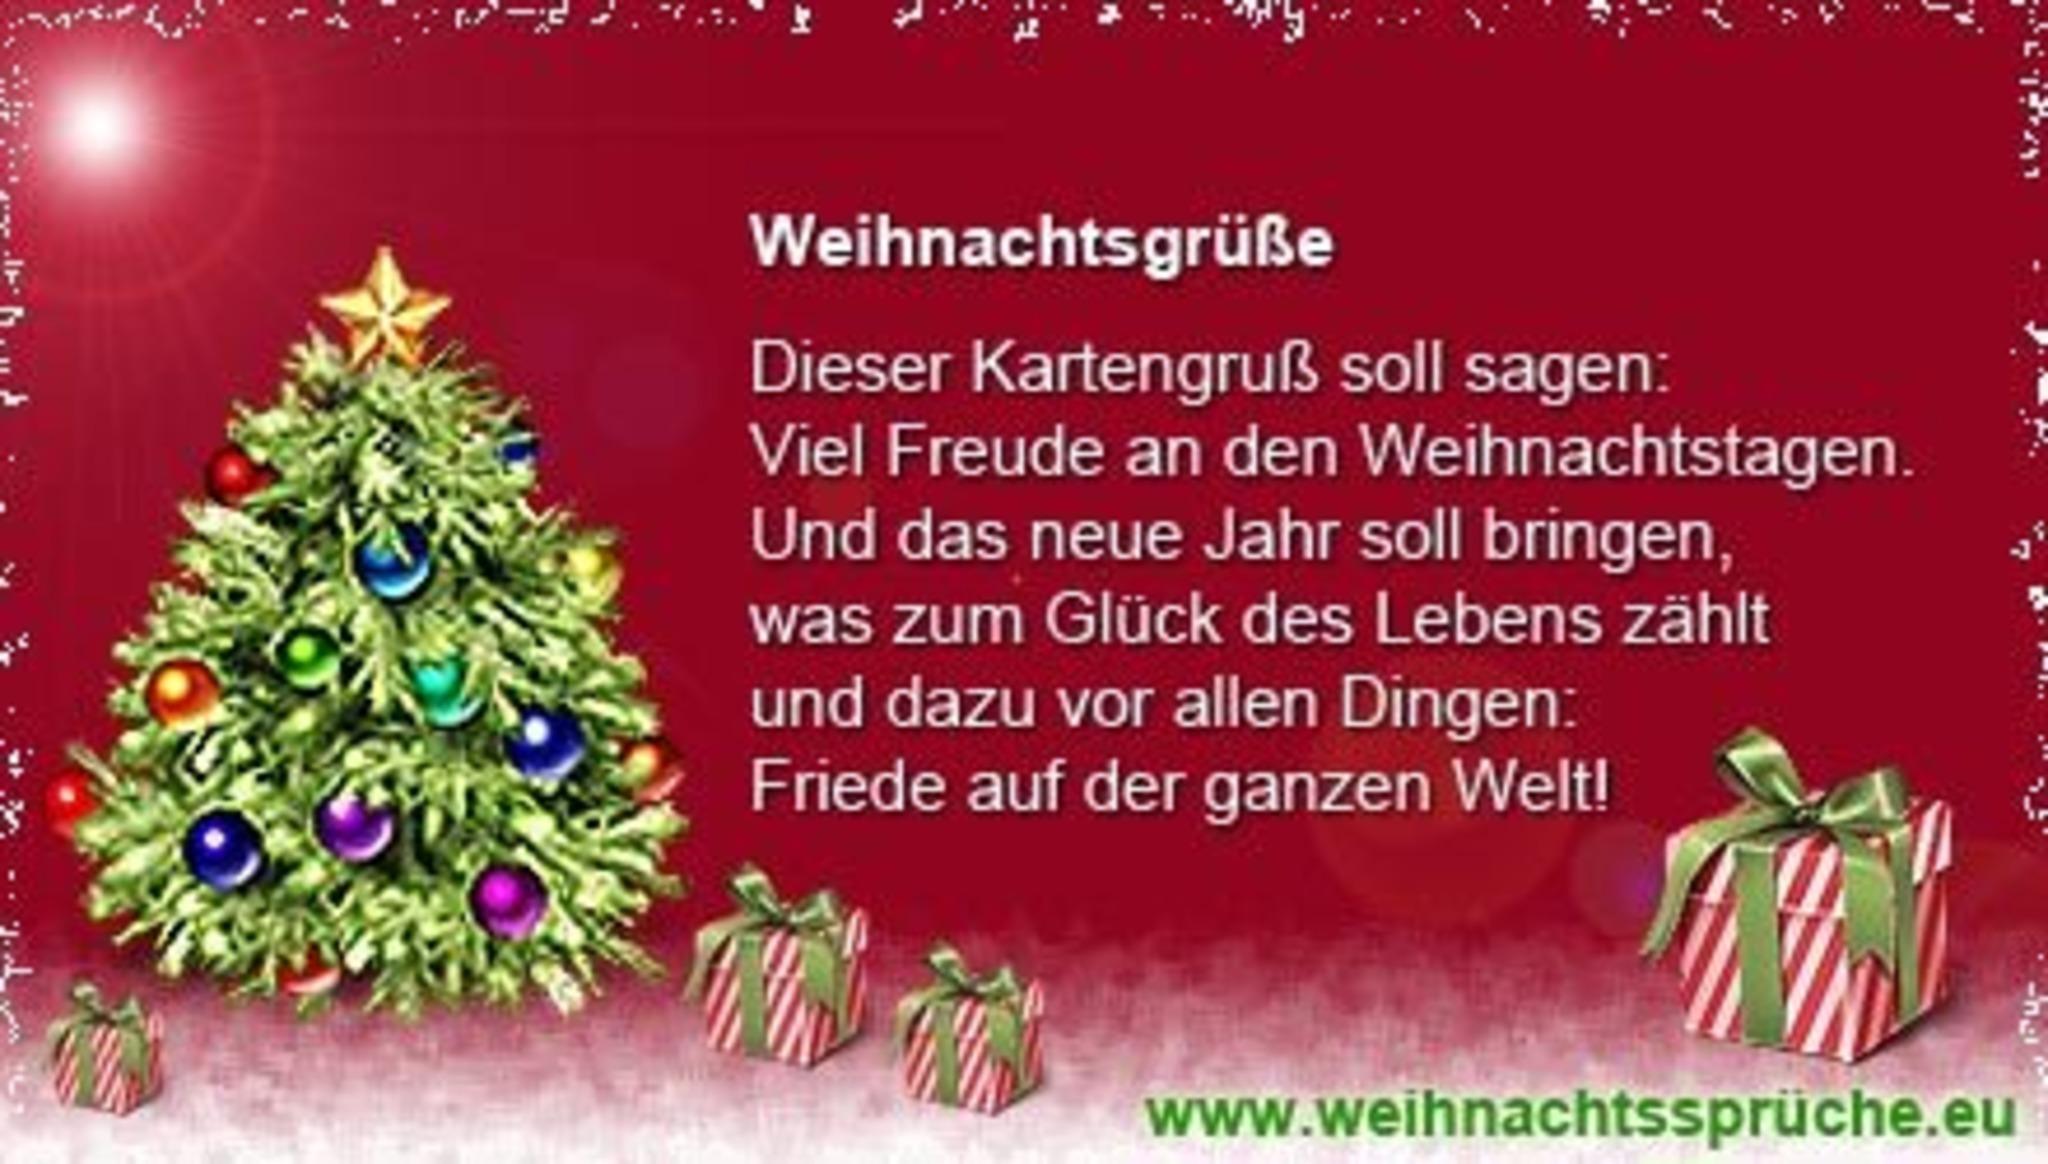 Kurze Kinder Weihnachtsgedichte.Weihnachts Und Neujahrswünsche An Alle Südoststeiermark